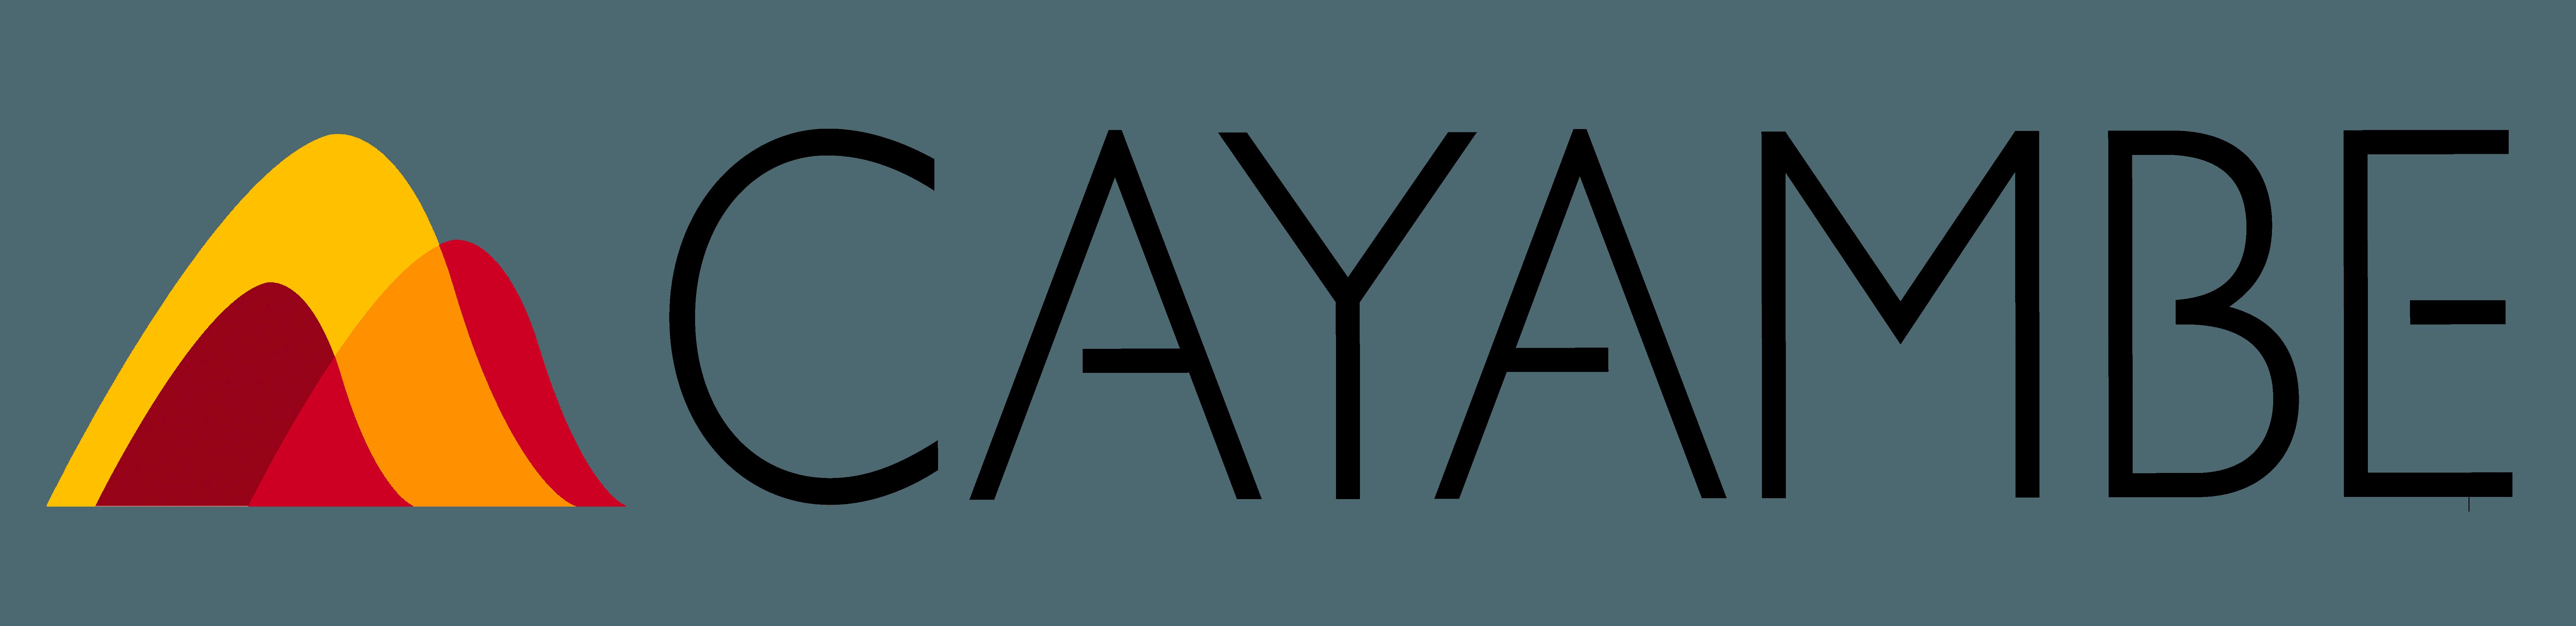 CAYAMBE : RESSOURCES, ÉNERGIE ET FUTUR